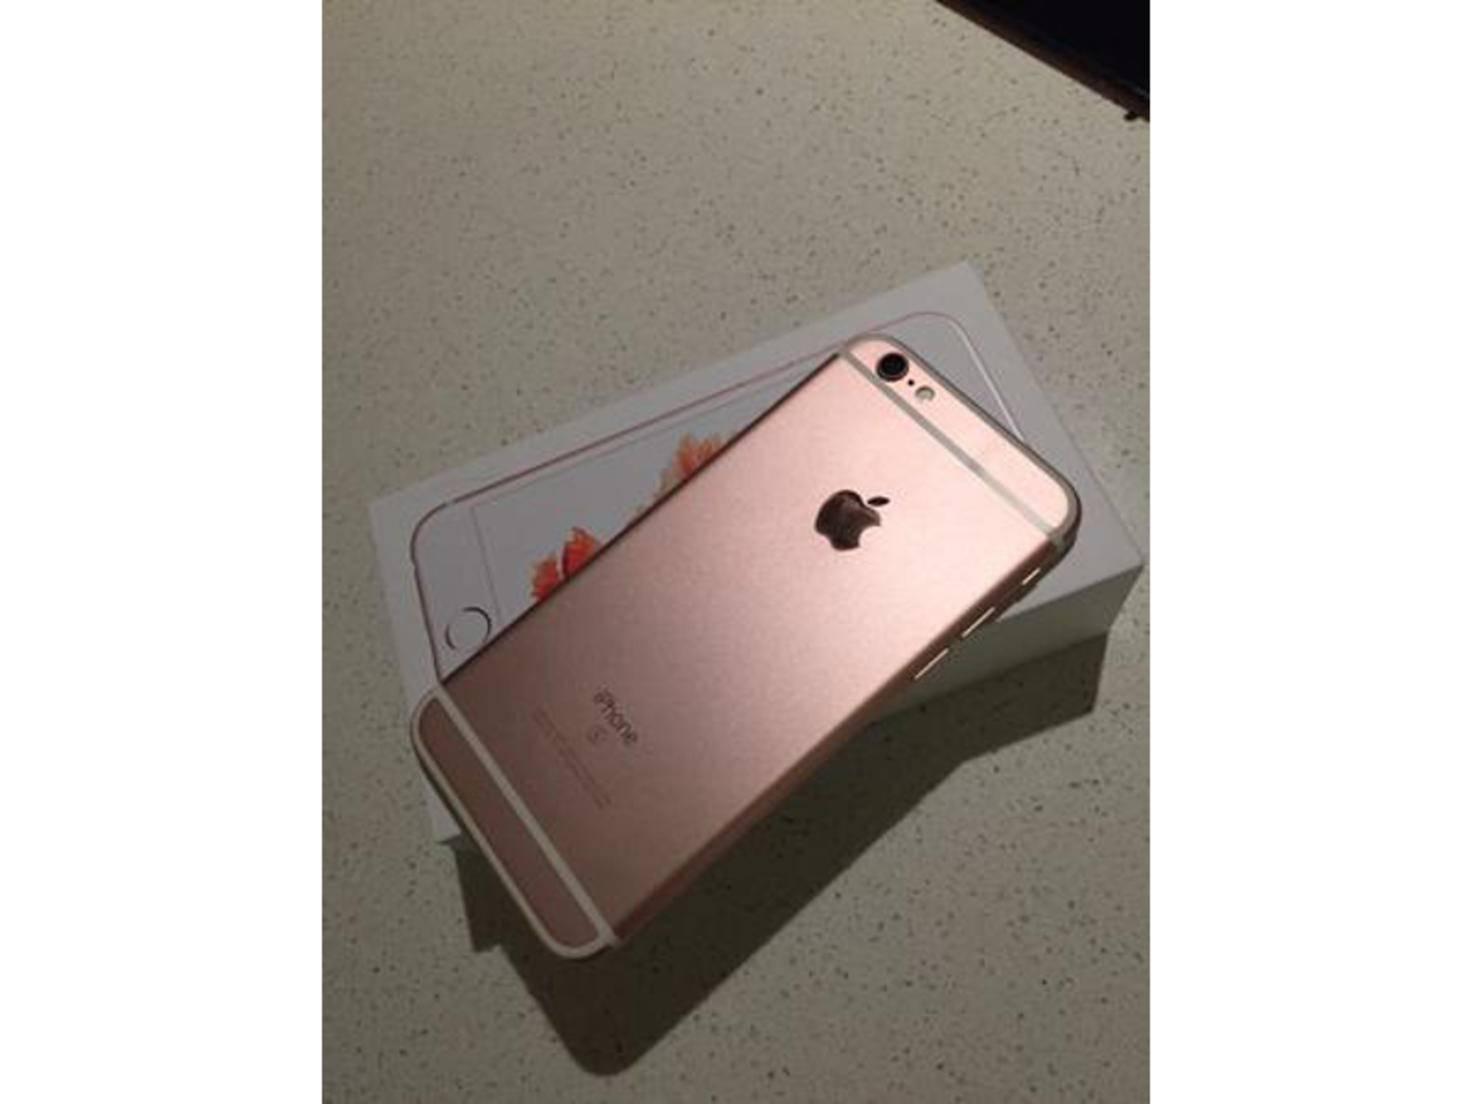 Das neue iPhone 6s von Adrienne Alpern.